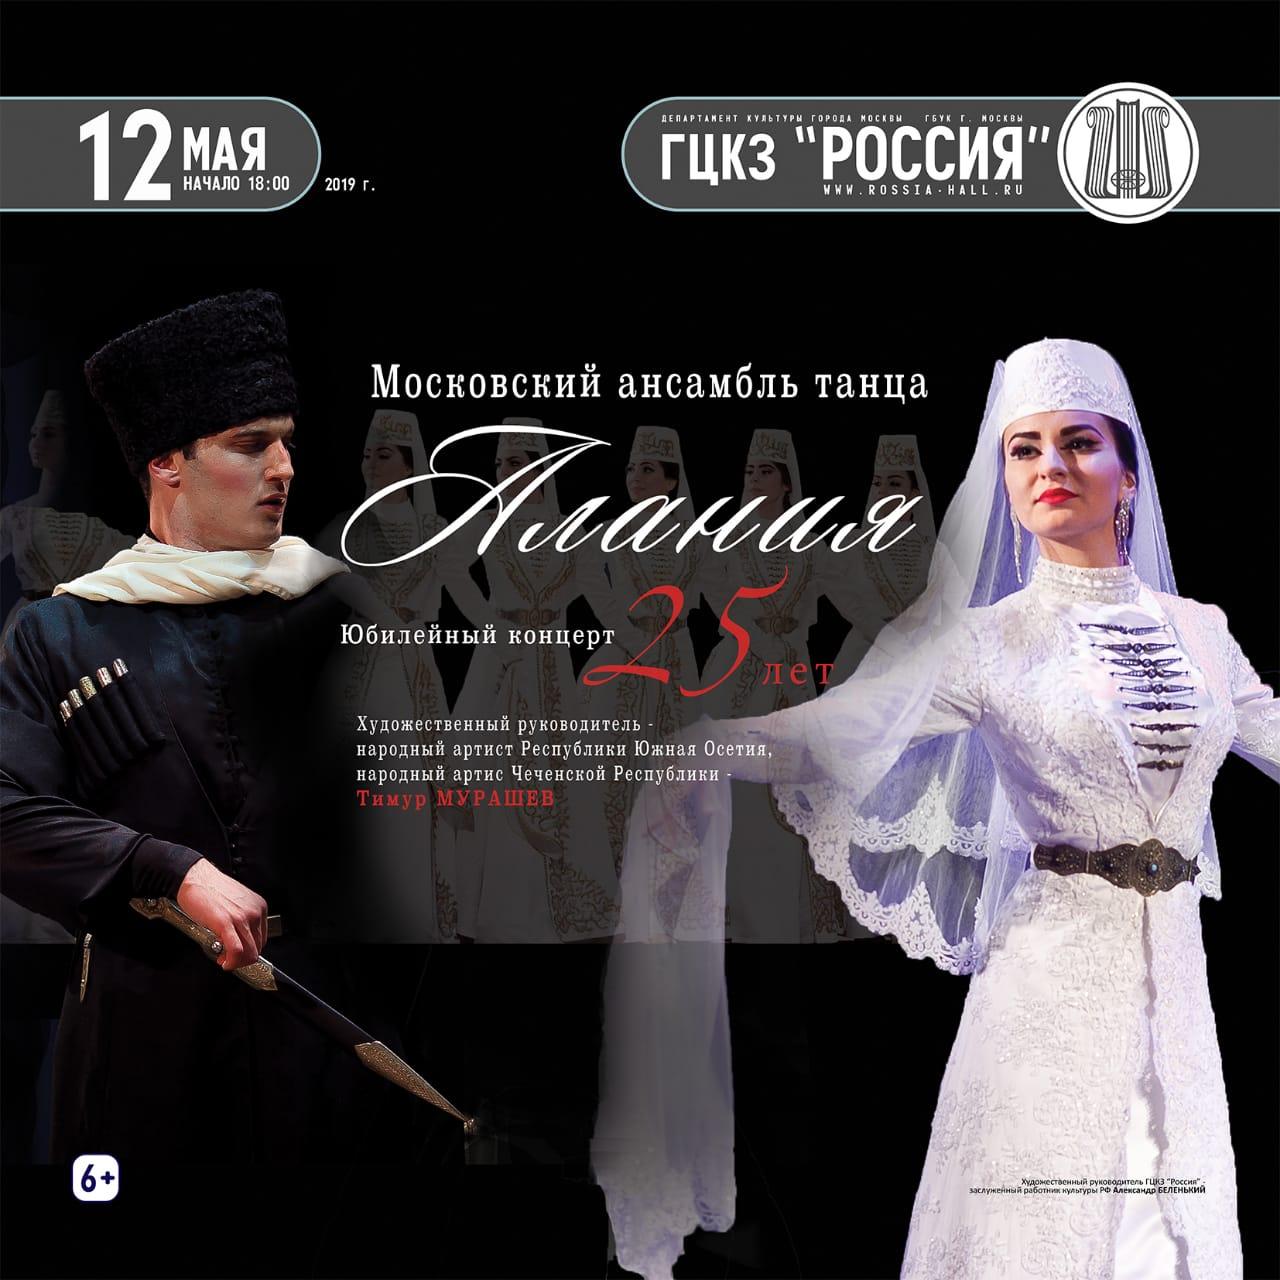 В Москве состоится юбилейный концерт Московского ансамбля танца «Алания»